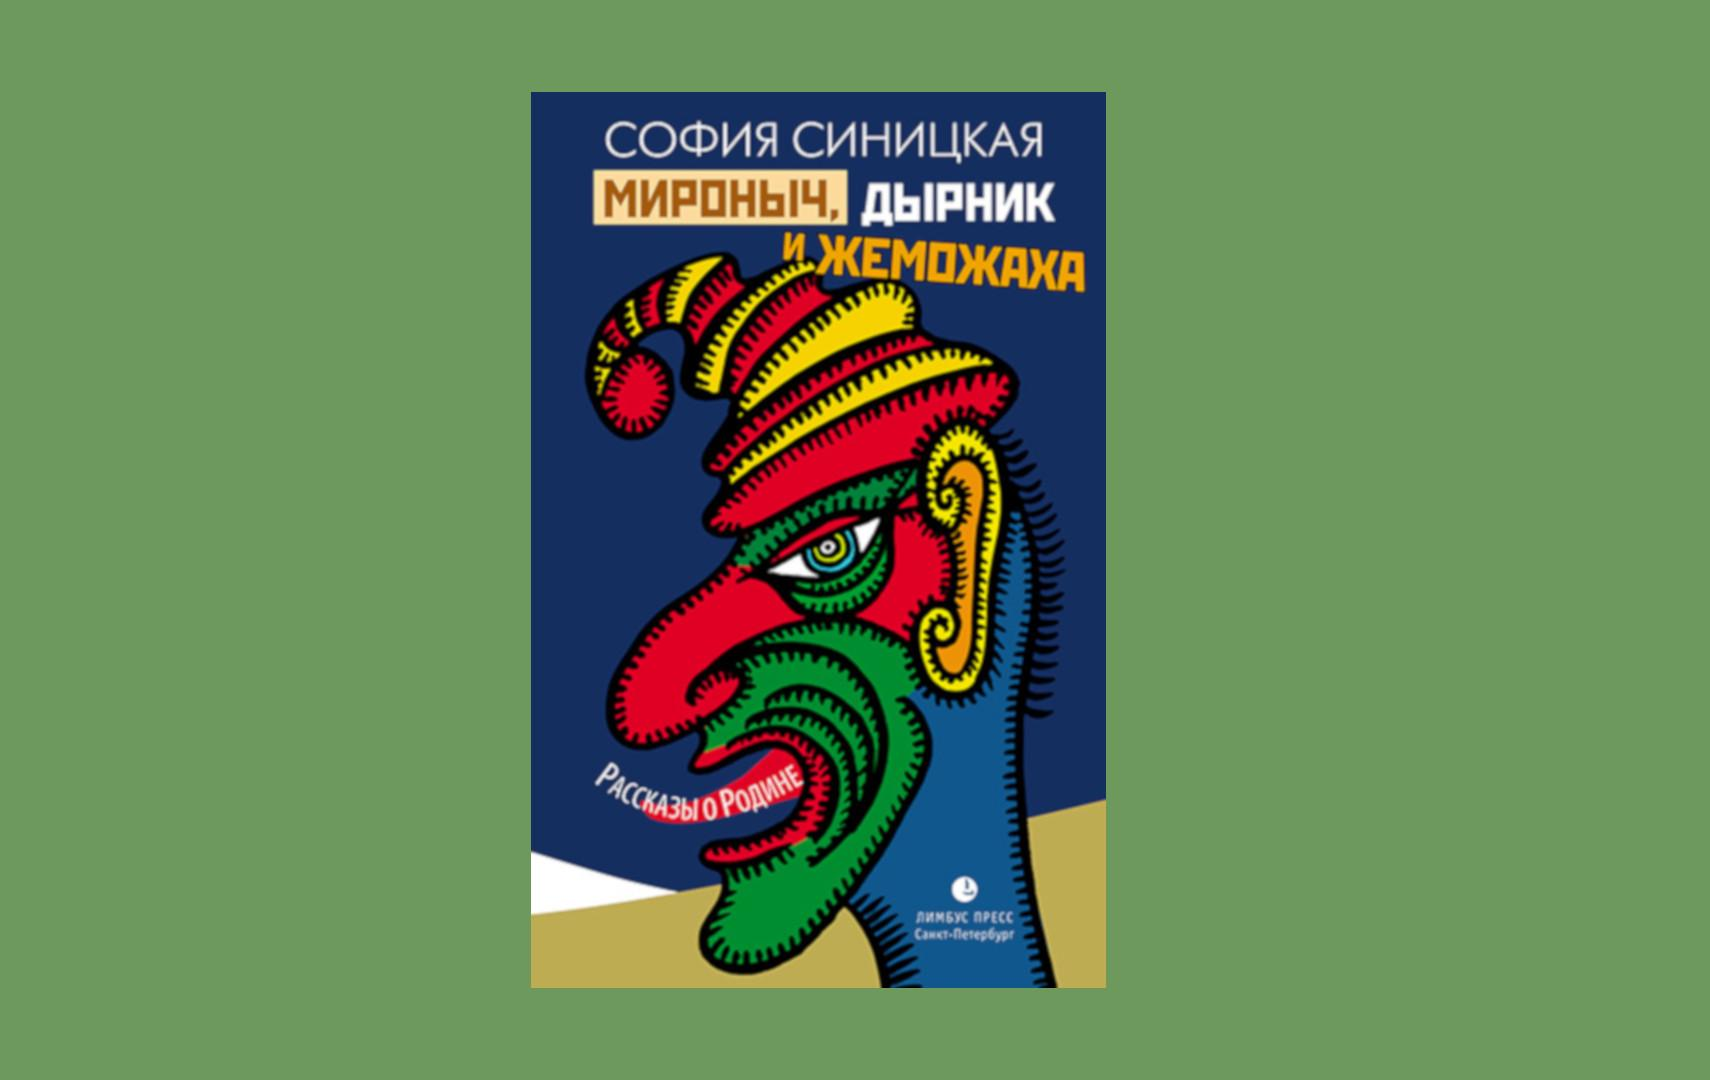 София Синицкая «Мироныч, дырник и жеможаха»